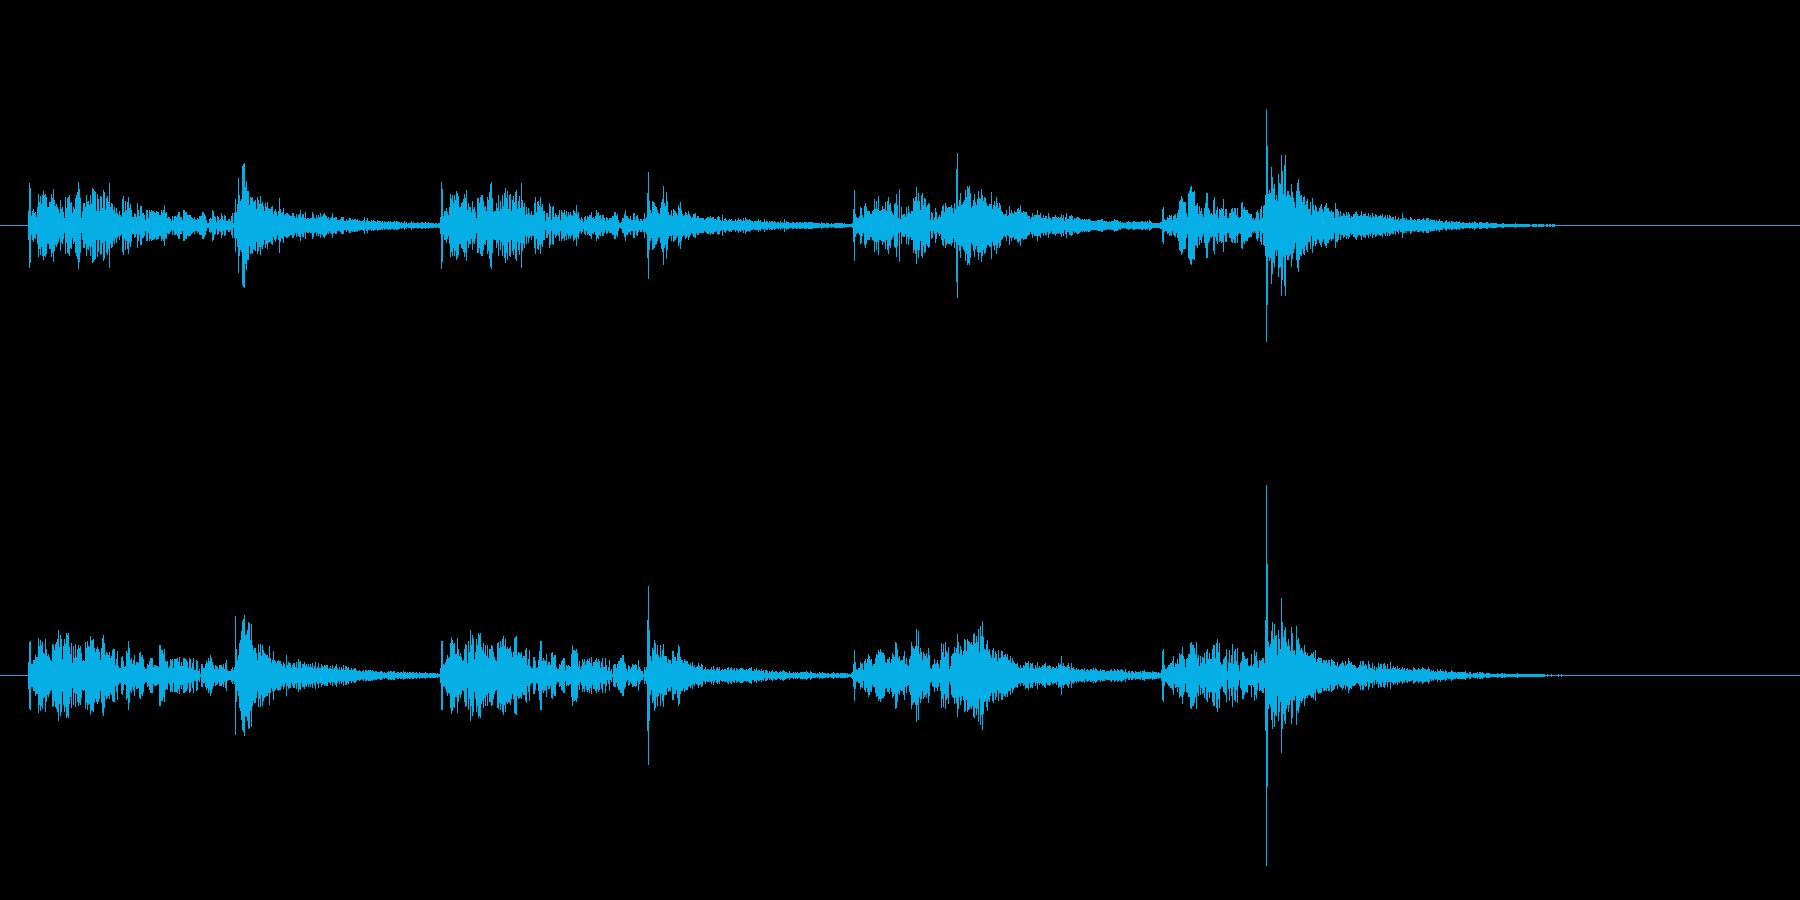 和太鼓のお囃子風サウンドロゴの再生済みの波形